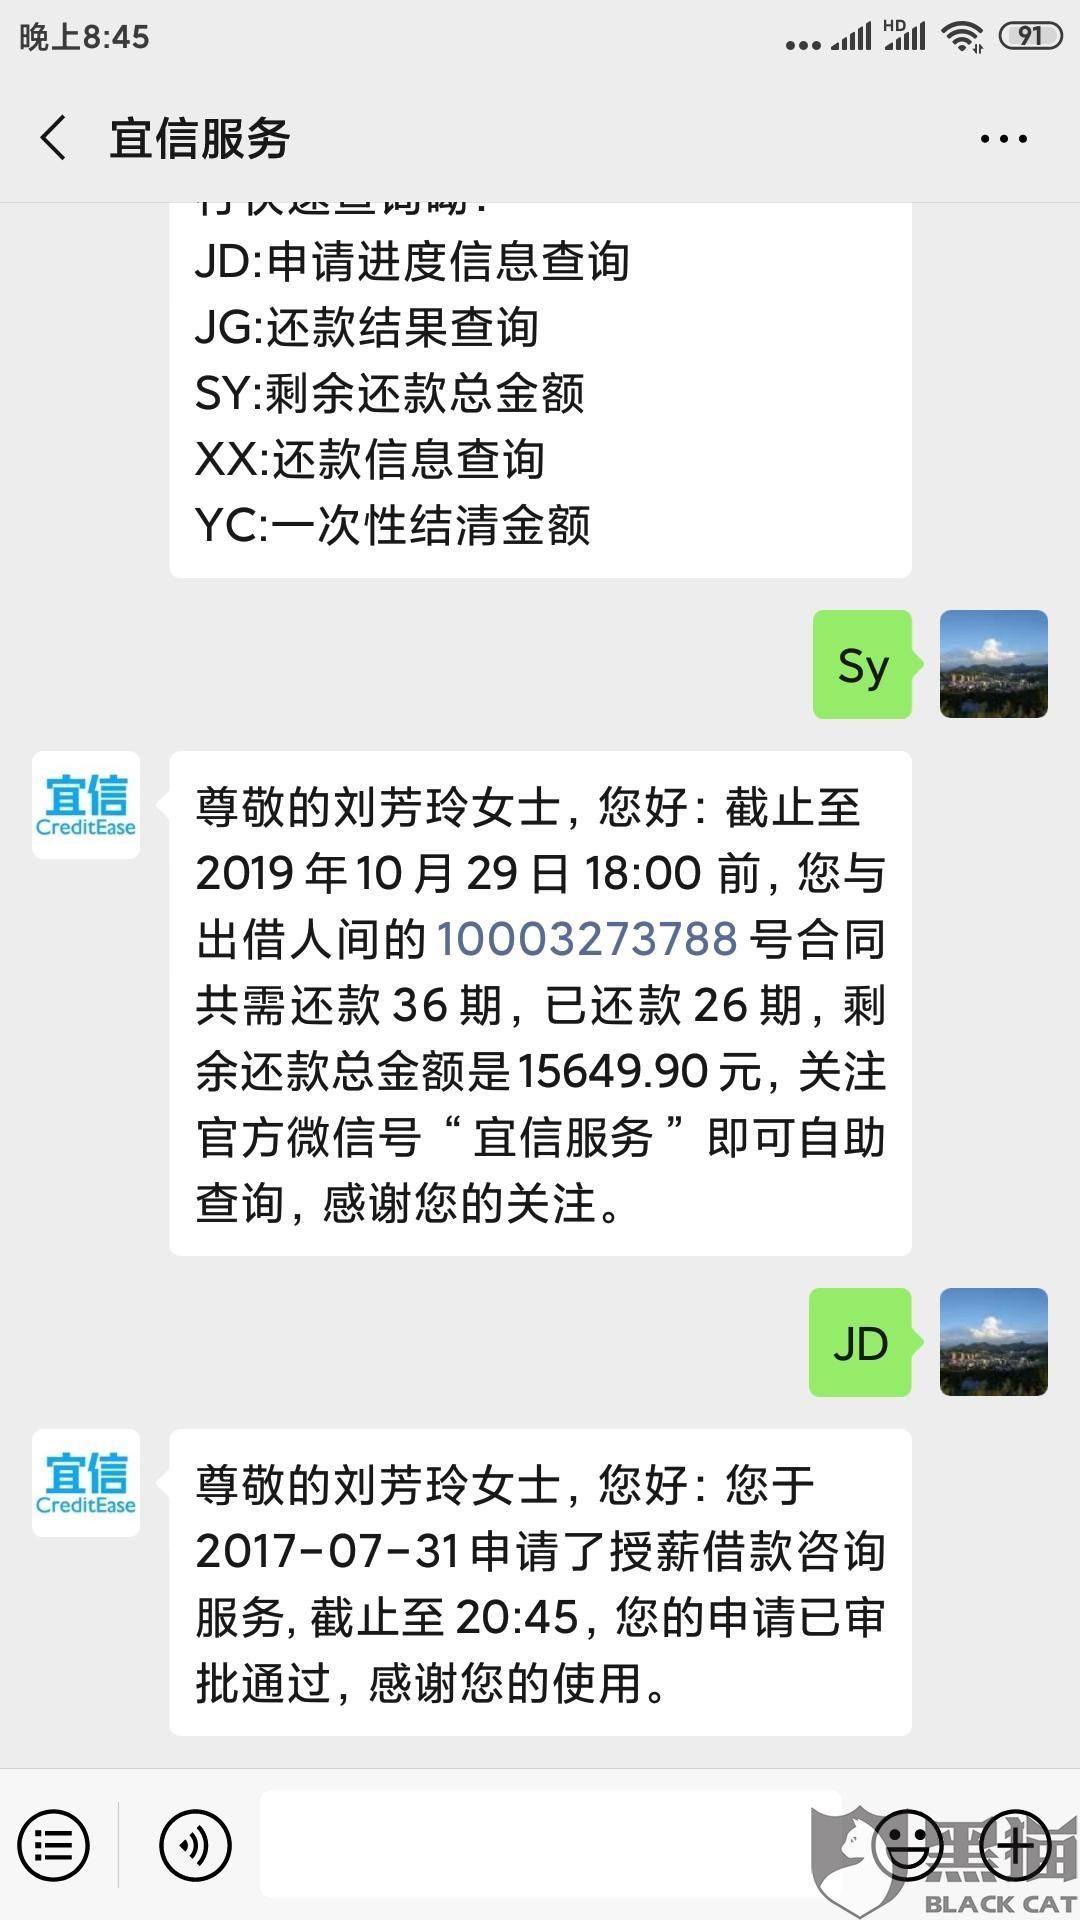 黑猫投诉:关于平台服务费利息高问题,宜信普惠什么时候可以给出解决方案